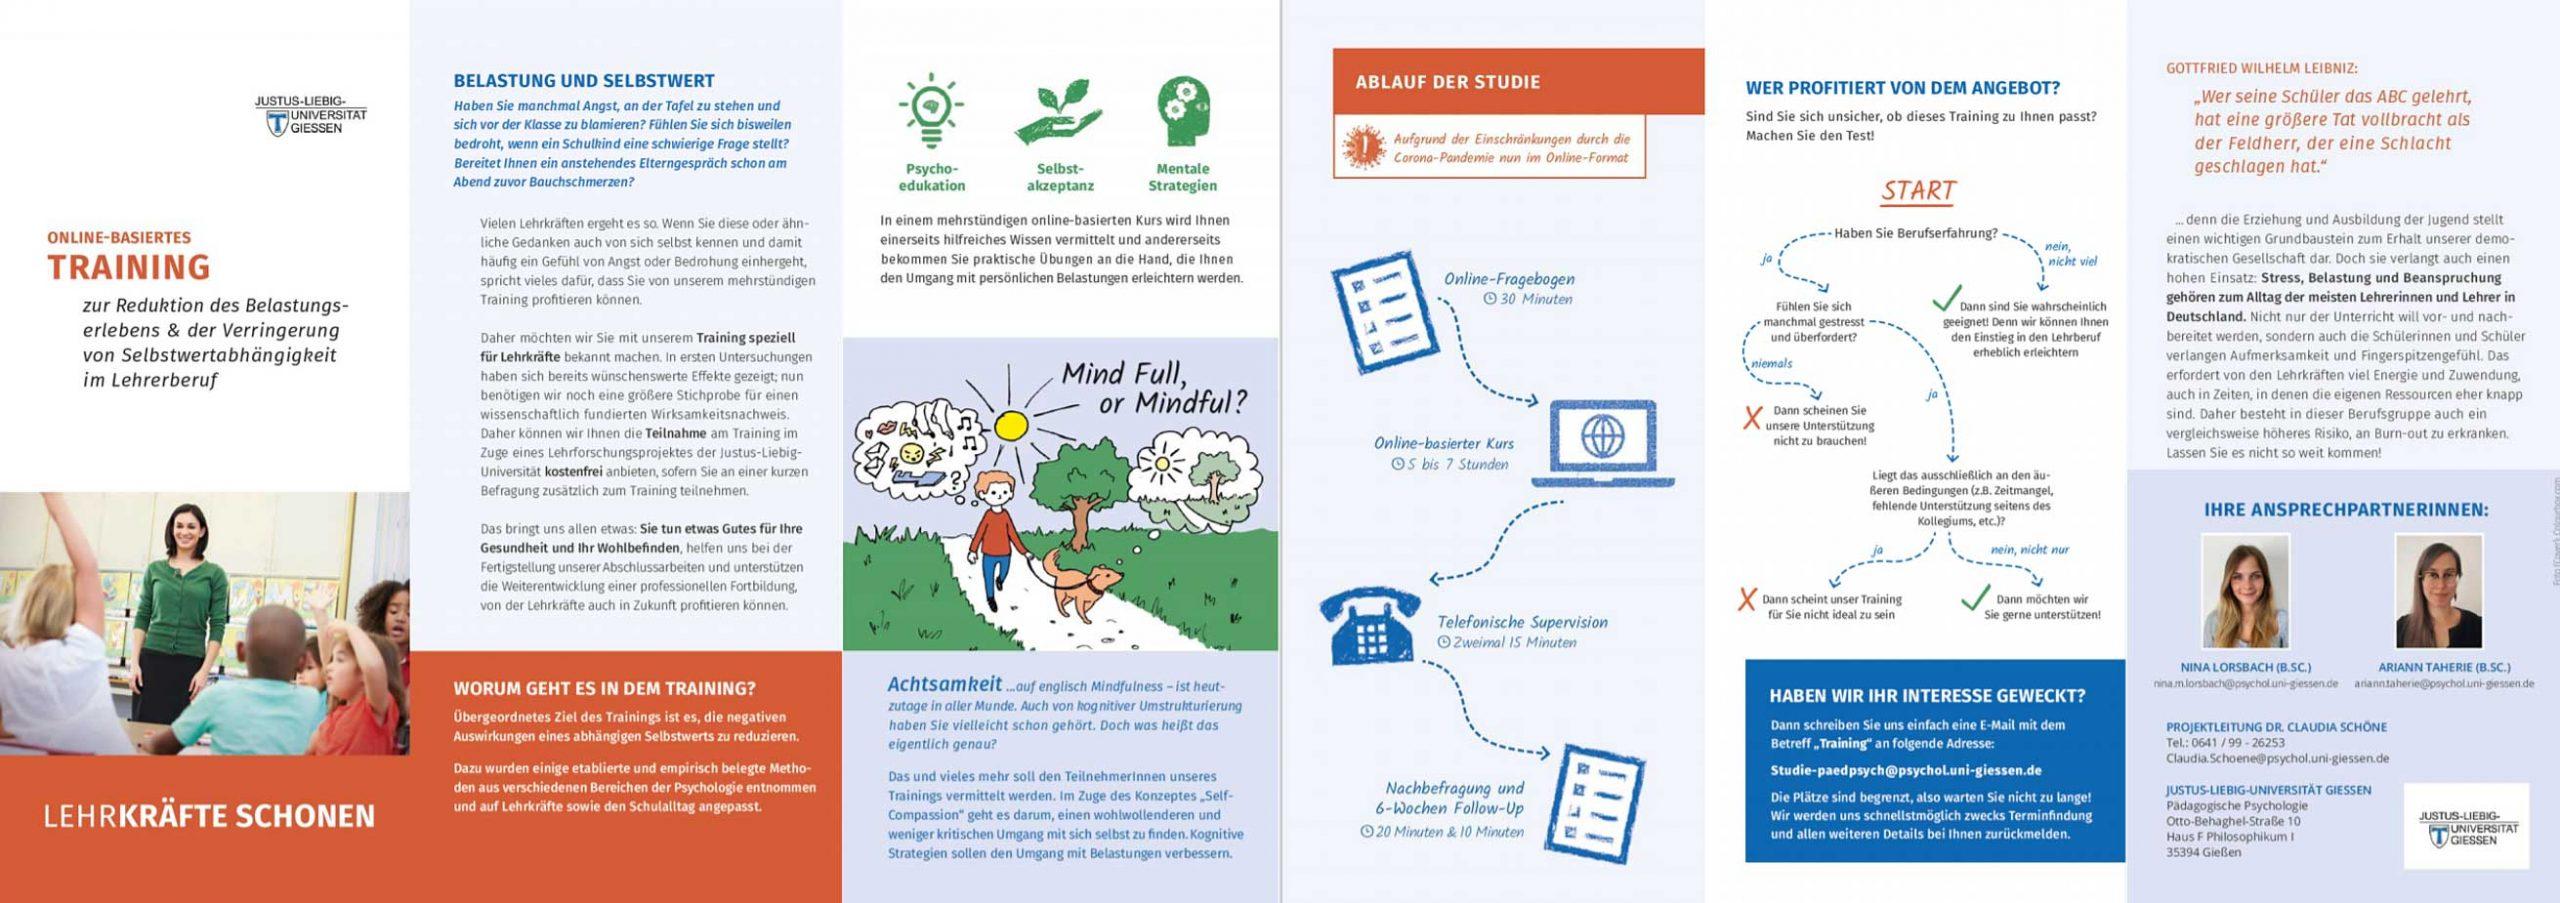 """Grafik des Flyers des Programms """"Lehrkräfte schonen"""" mit Einzelheiten zum Programm"""